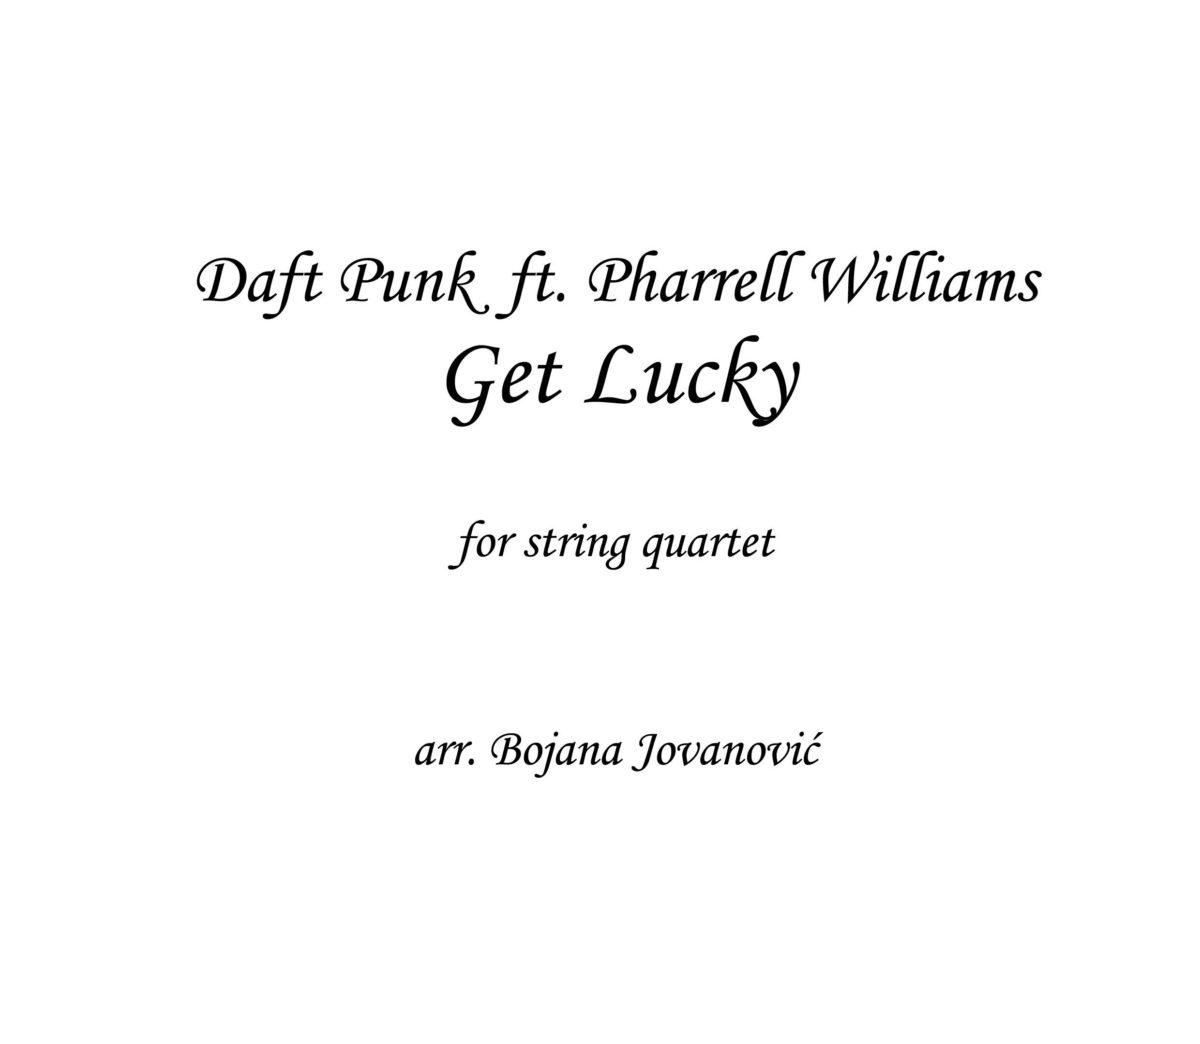 Get Lucky (Daft Punk ft Pharrell Williams) - Sheet Music